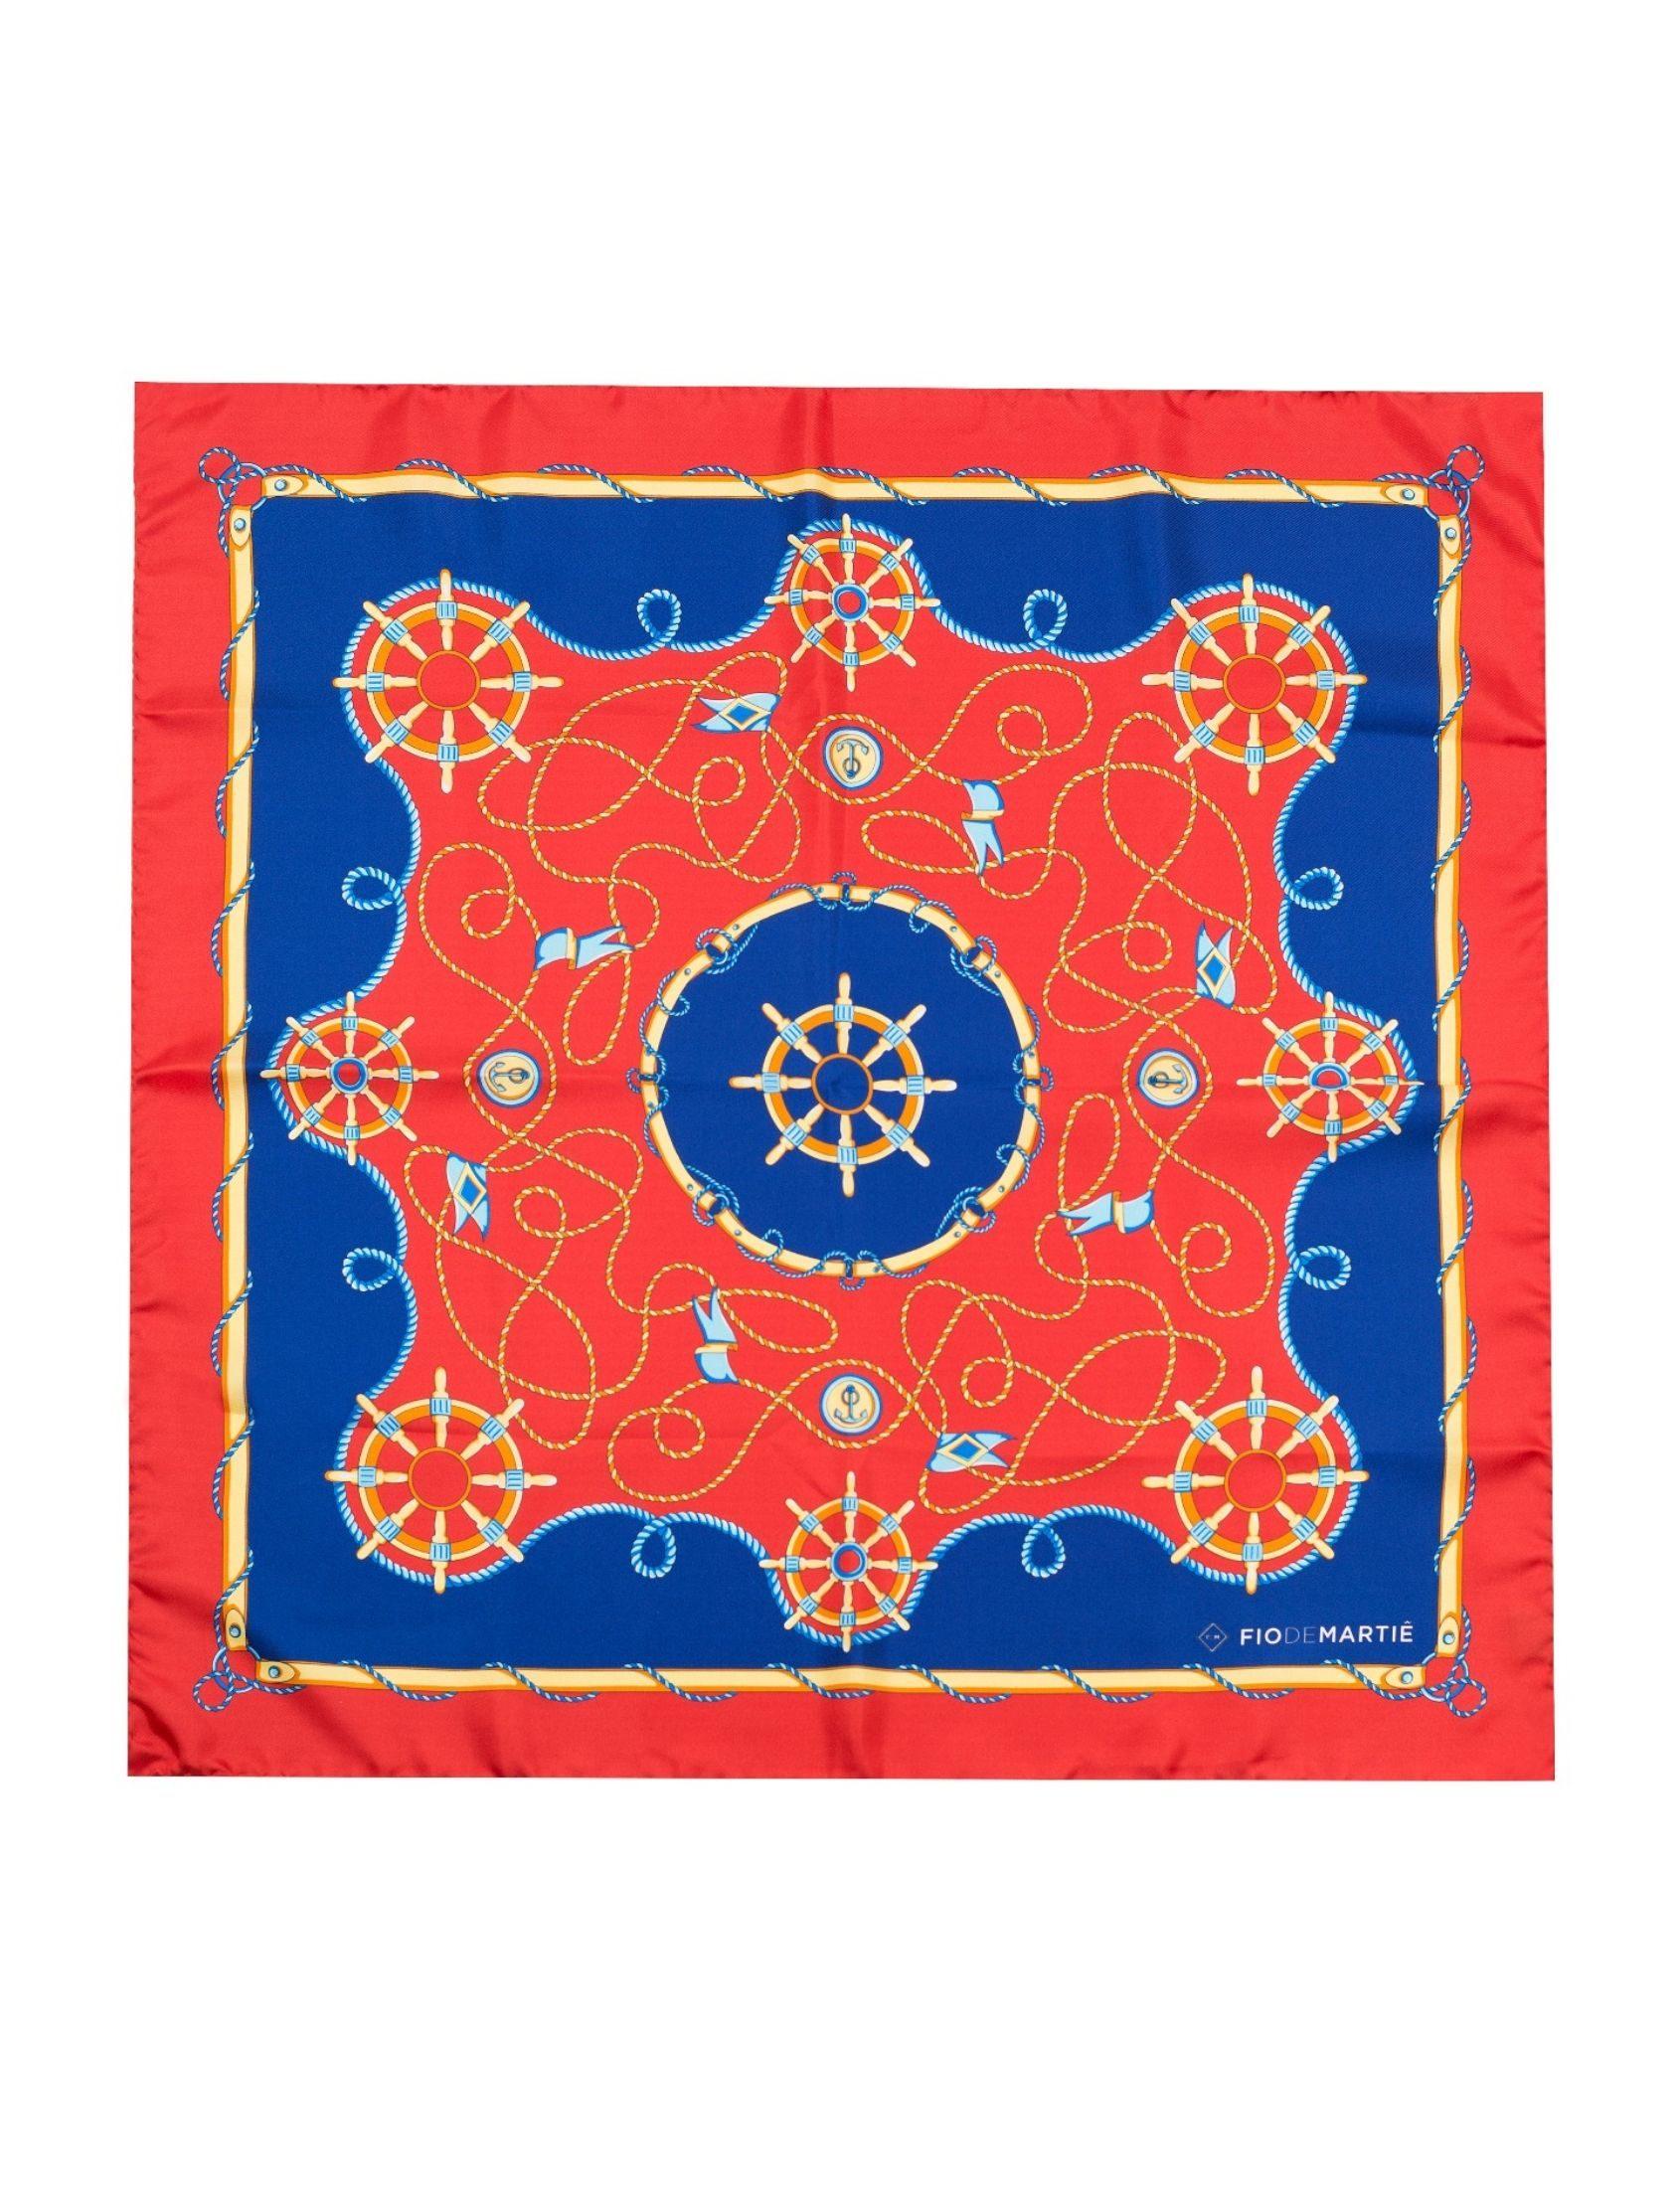 pañuelo de seda para mujer con estampado goleta de fio de martie